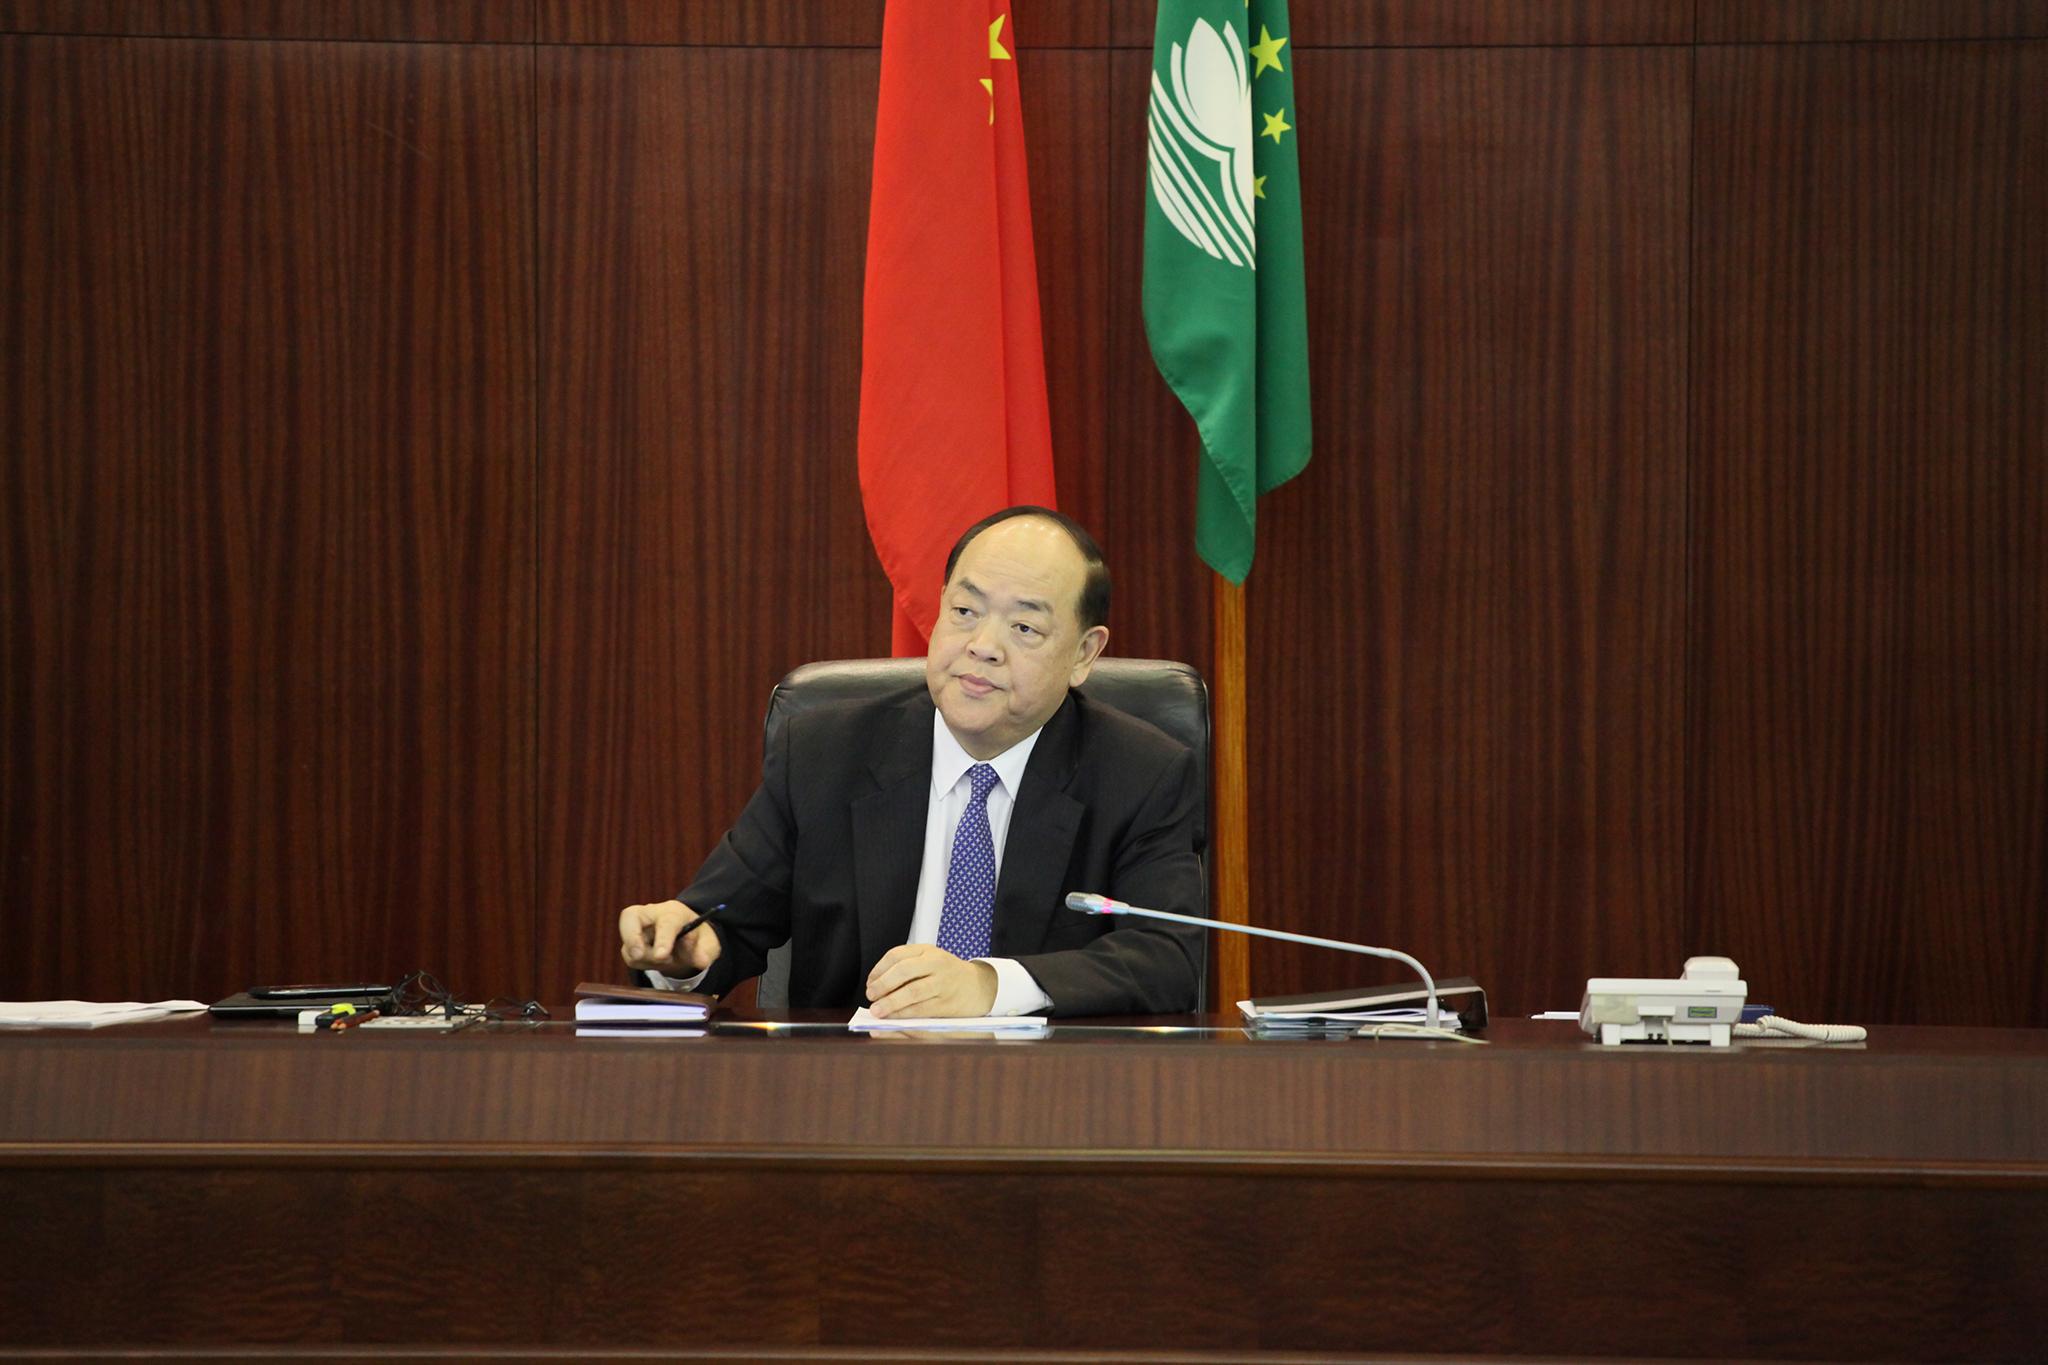 Ho Iat Seng acusado de desconhecer procedimentos da AL